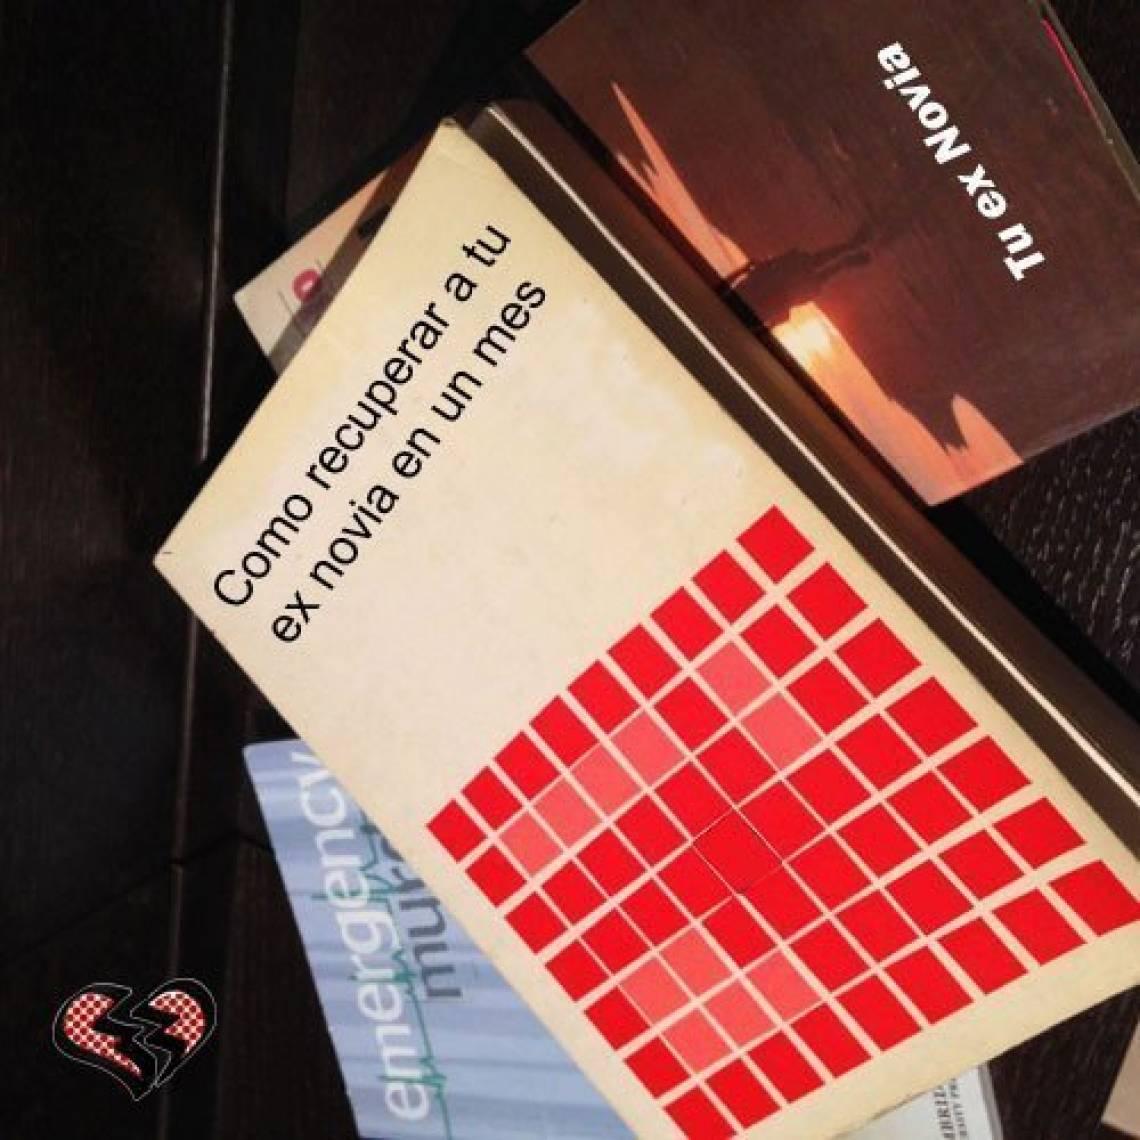 Pros y contras de los libros y manuales para recuperar una ex